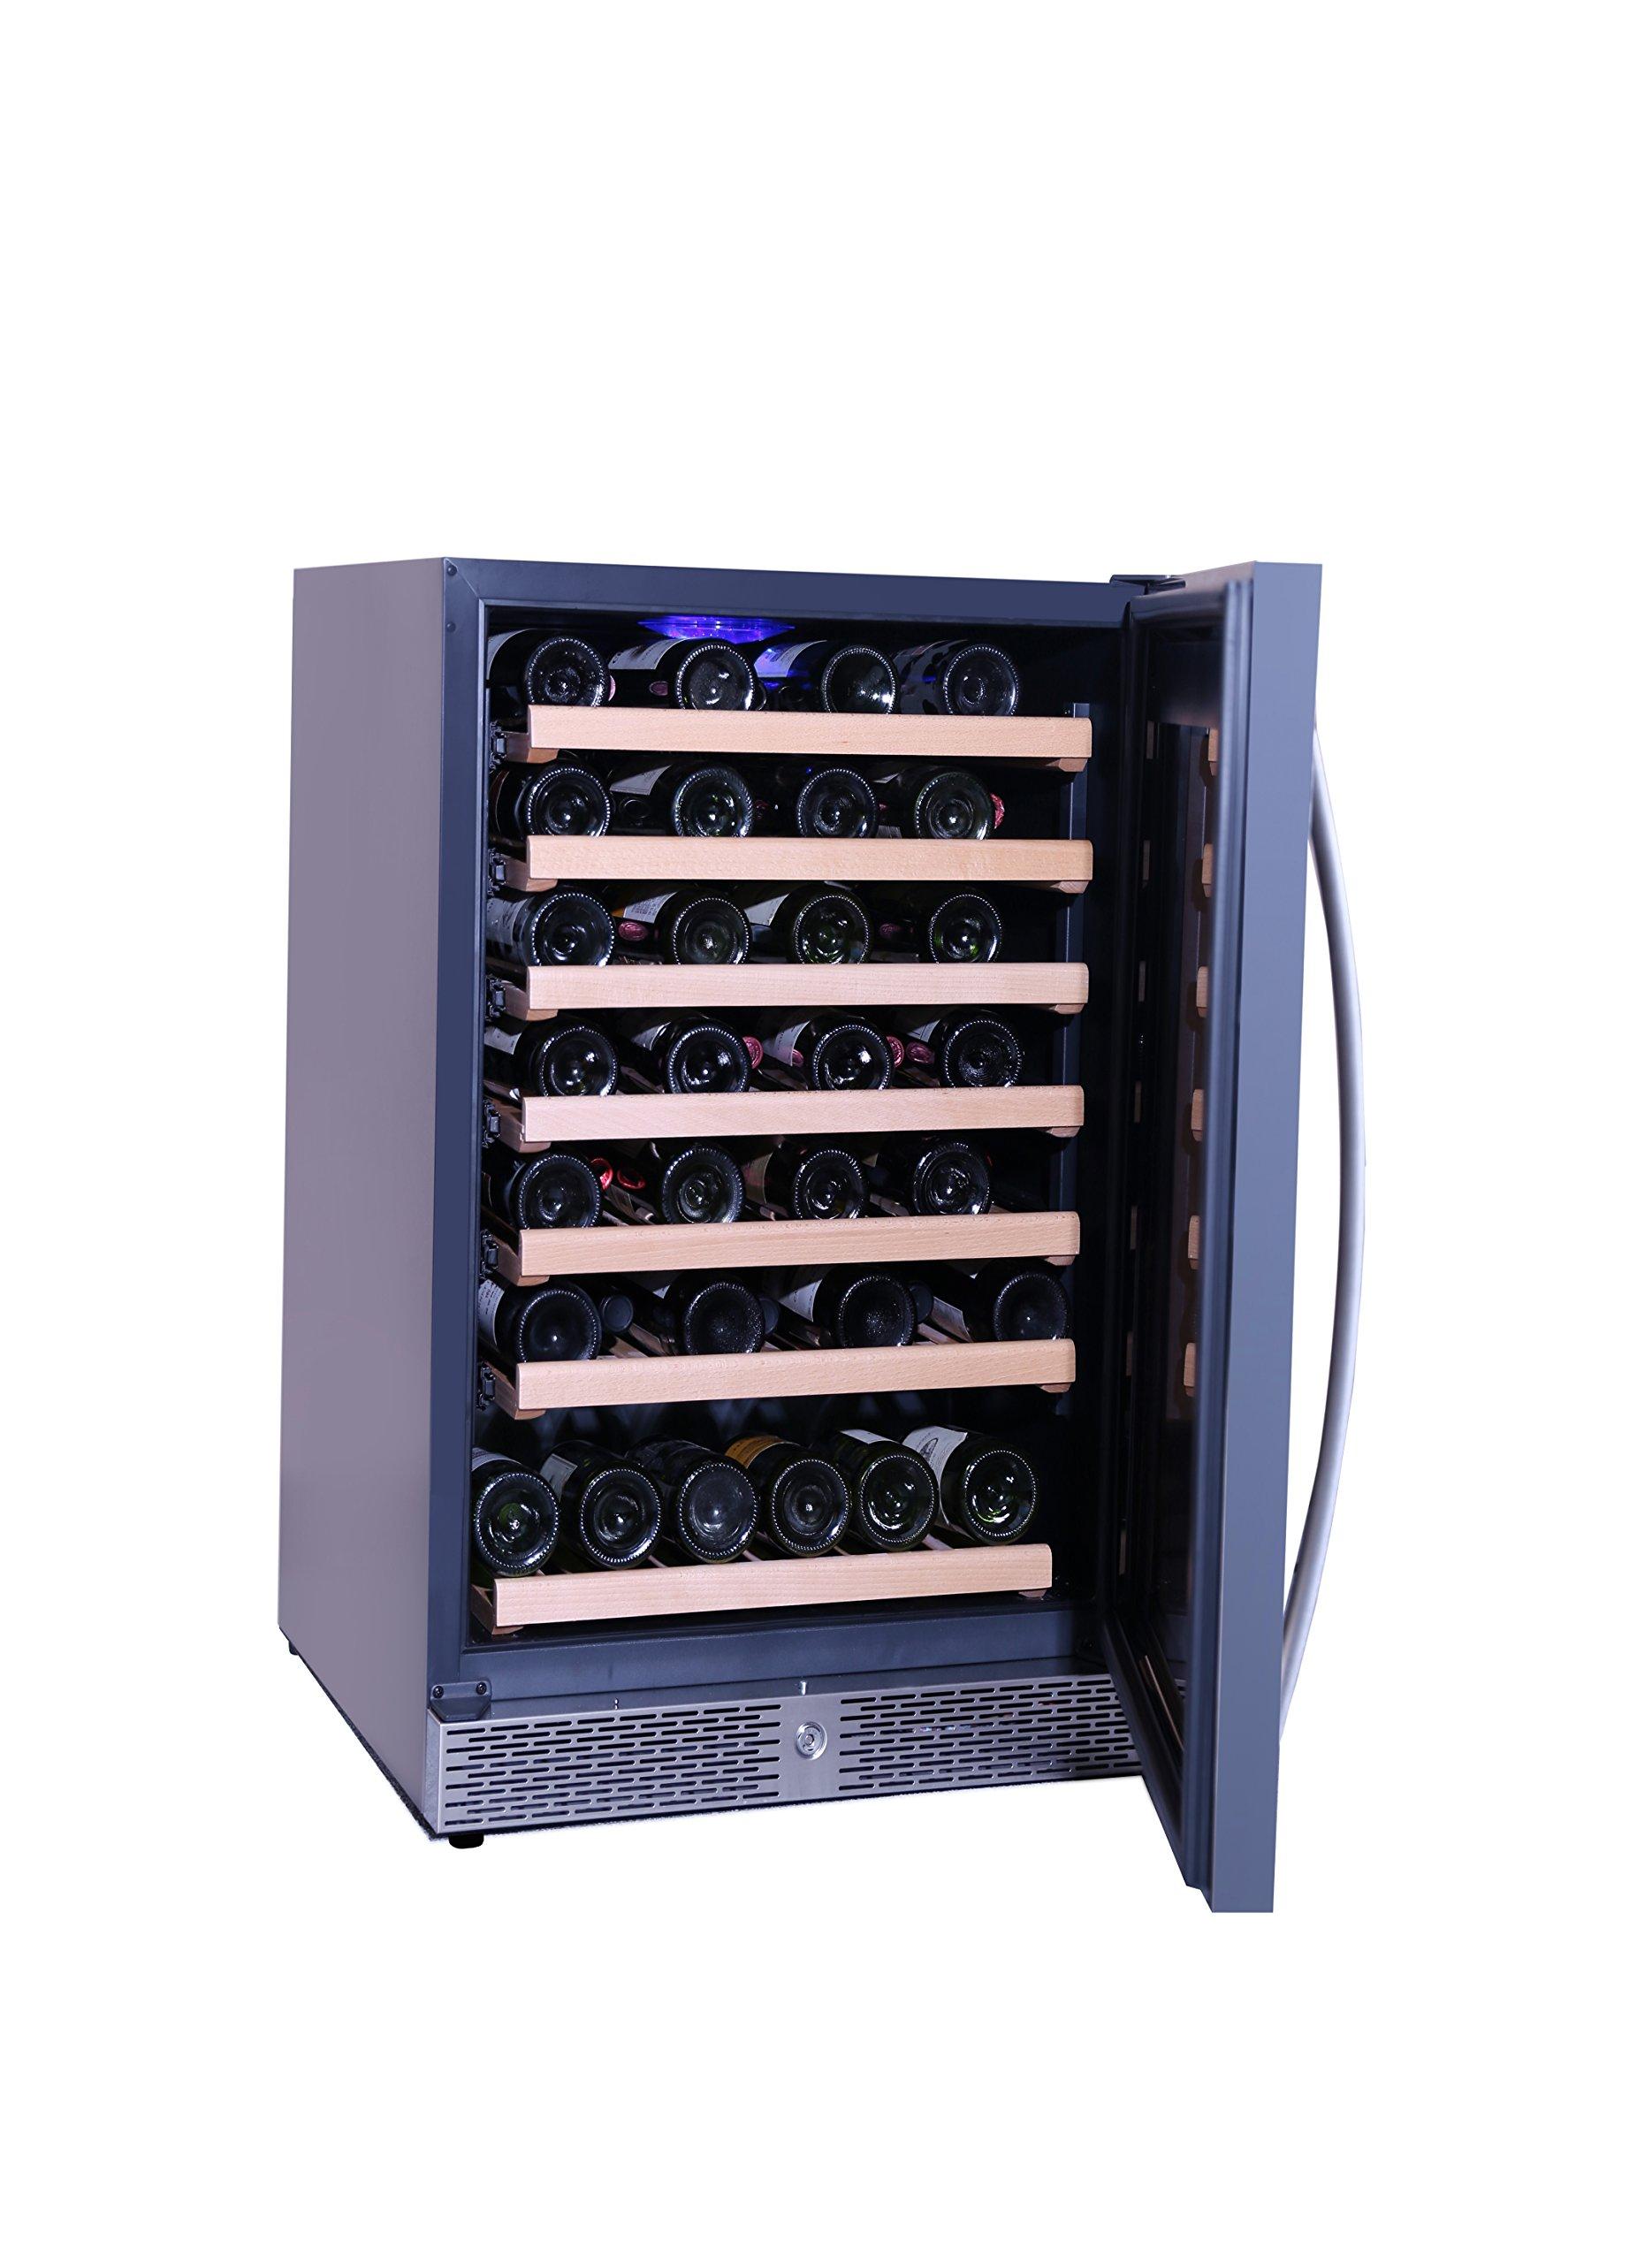 Smad 46 Bottle Single Zone Built-in Wine Cooler with Lock , Reversible door